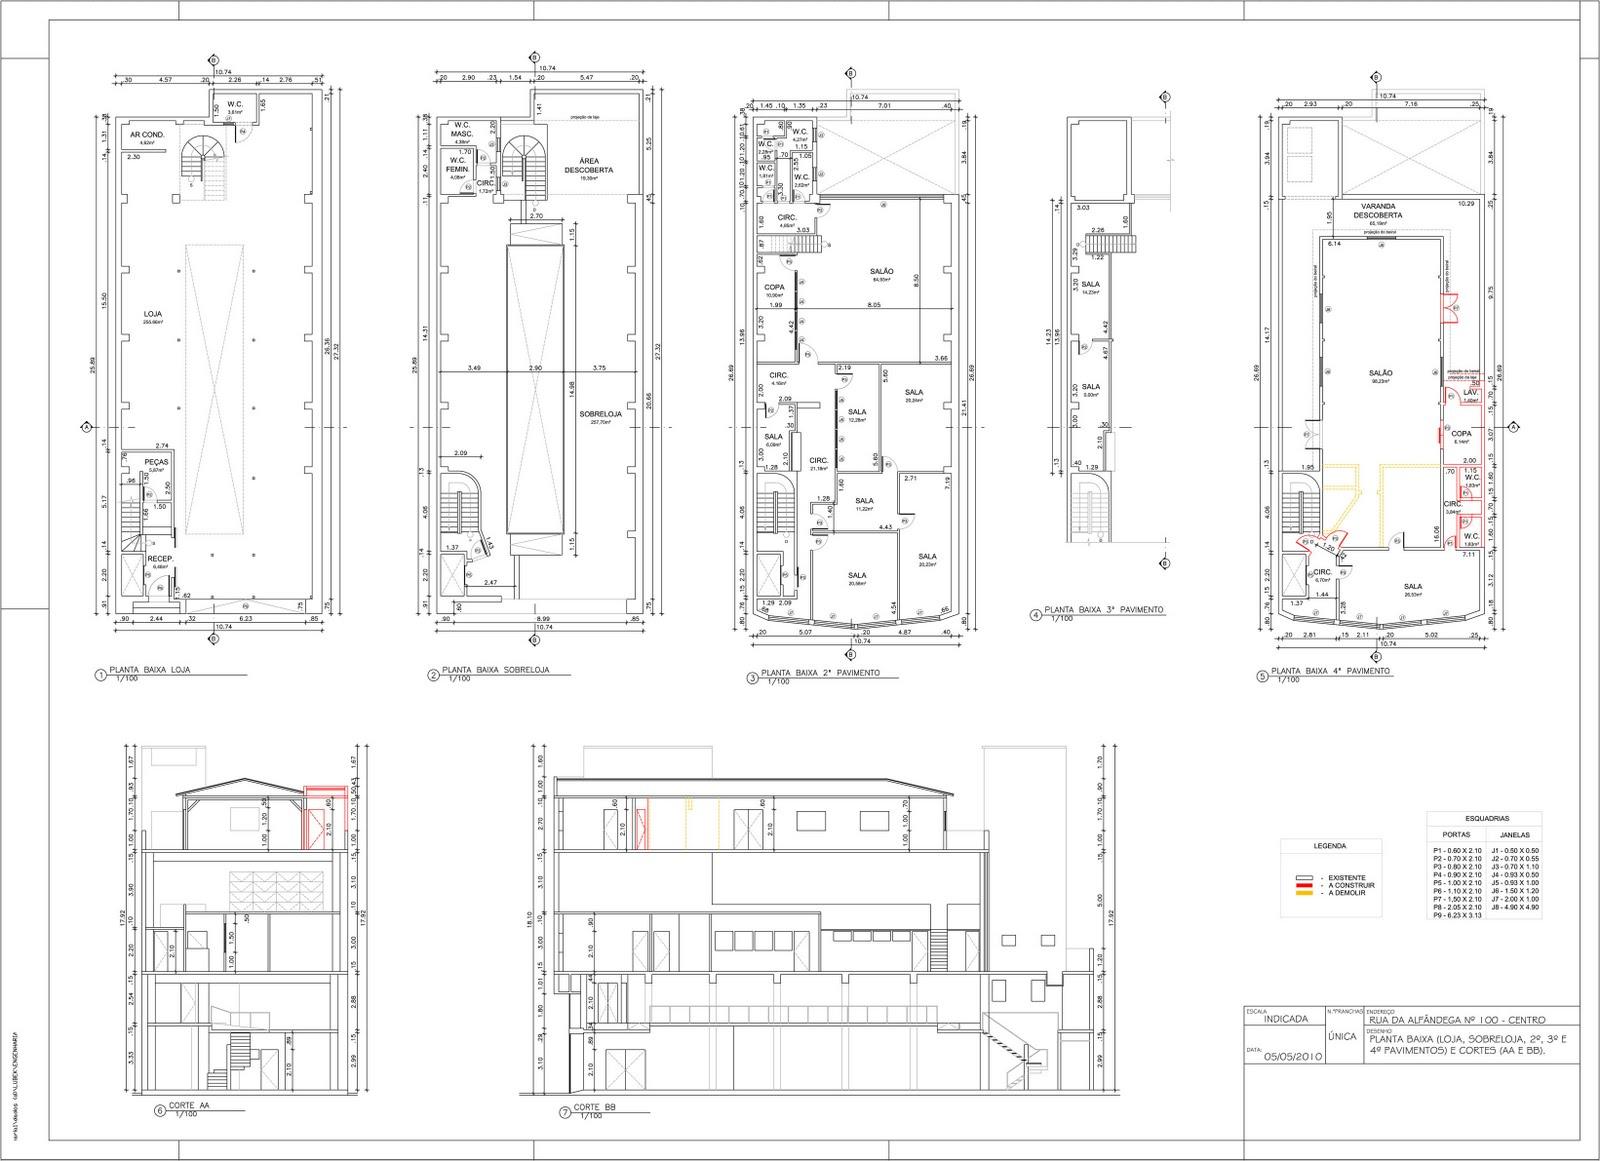 Fabuloso Dico Mattos: Trabalho desenho arquitetura - Planta baixa prédio  UO78